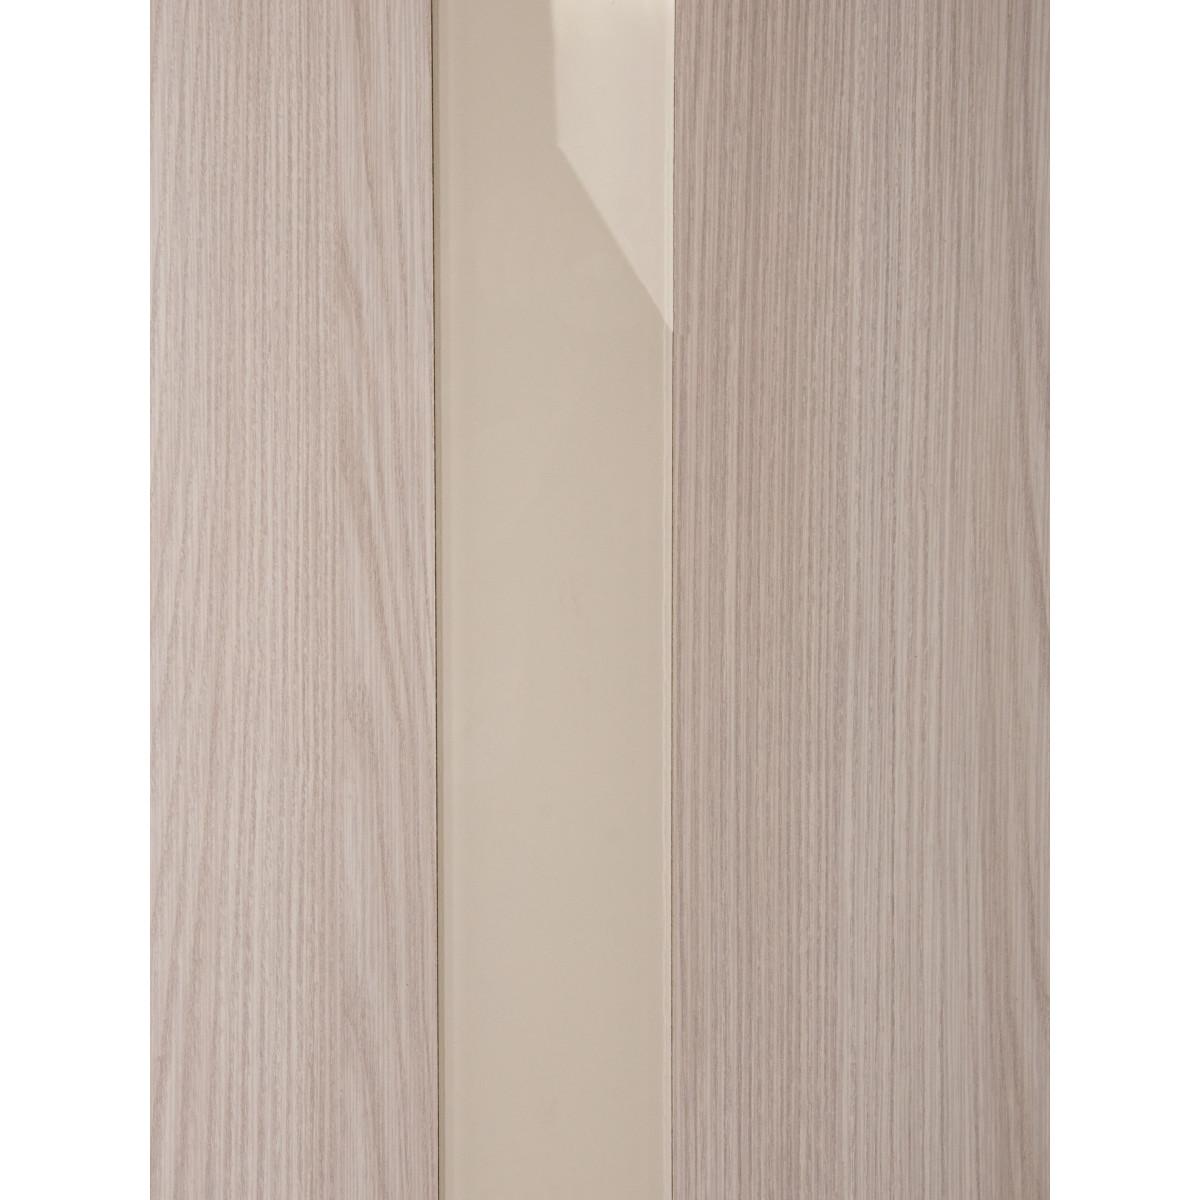 Дверь Межкомнатная Глухая С Замком И Петлями В Комплекте Мирра 80x200 Hardflex Цвет Ясень Бора